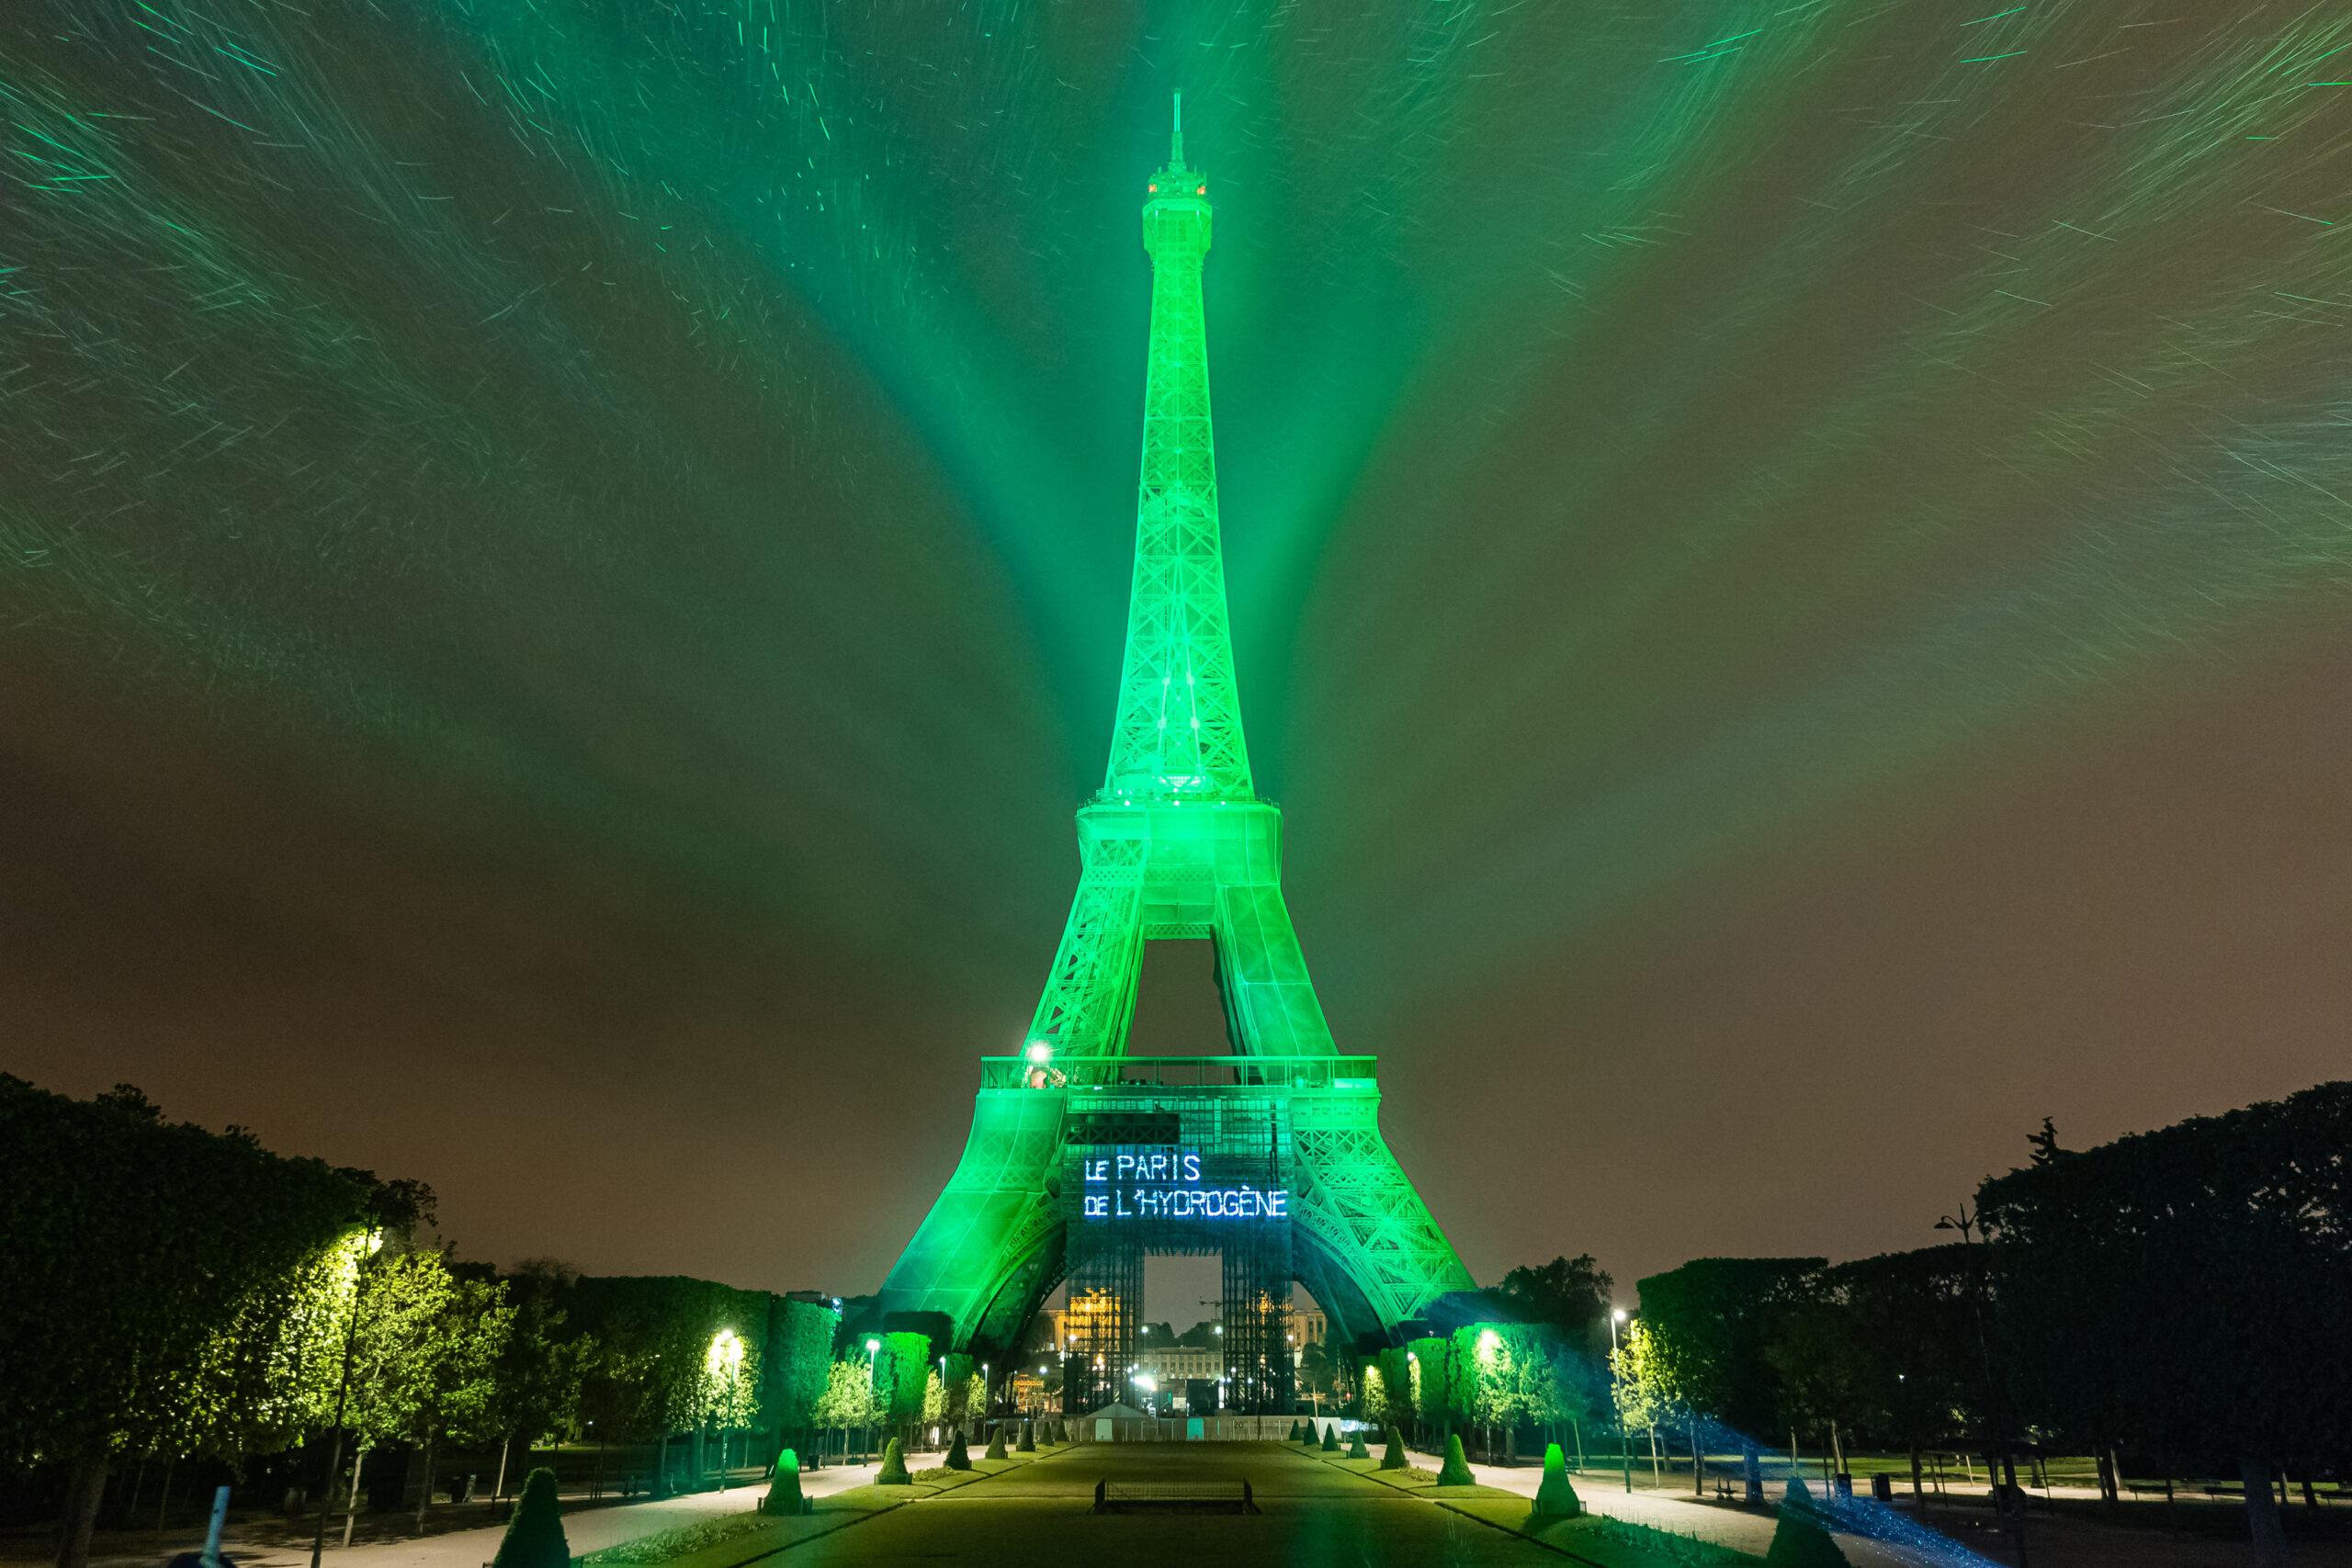 La Torre Eiffel diventa verde nella notte di Parigi grazie all'idrogeno (e a Toyota)